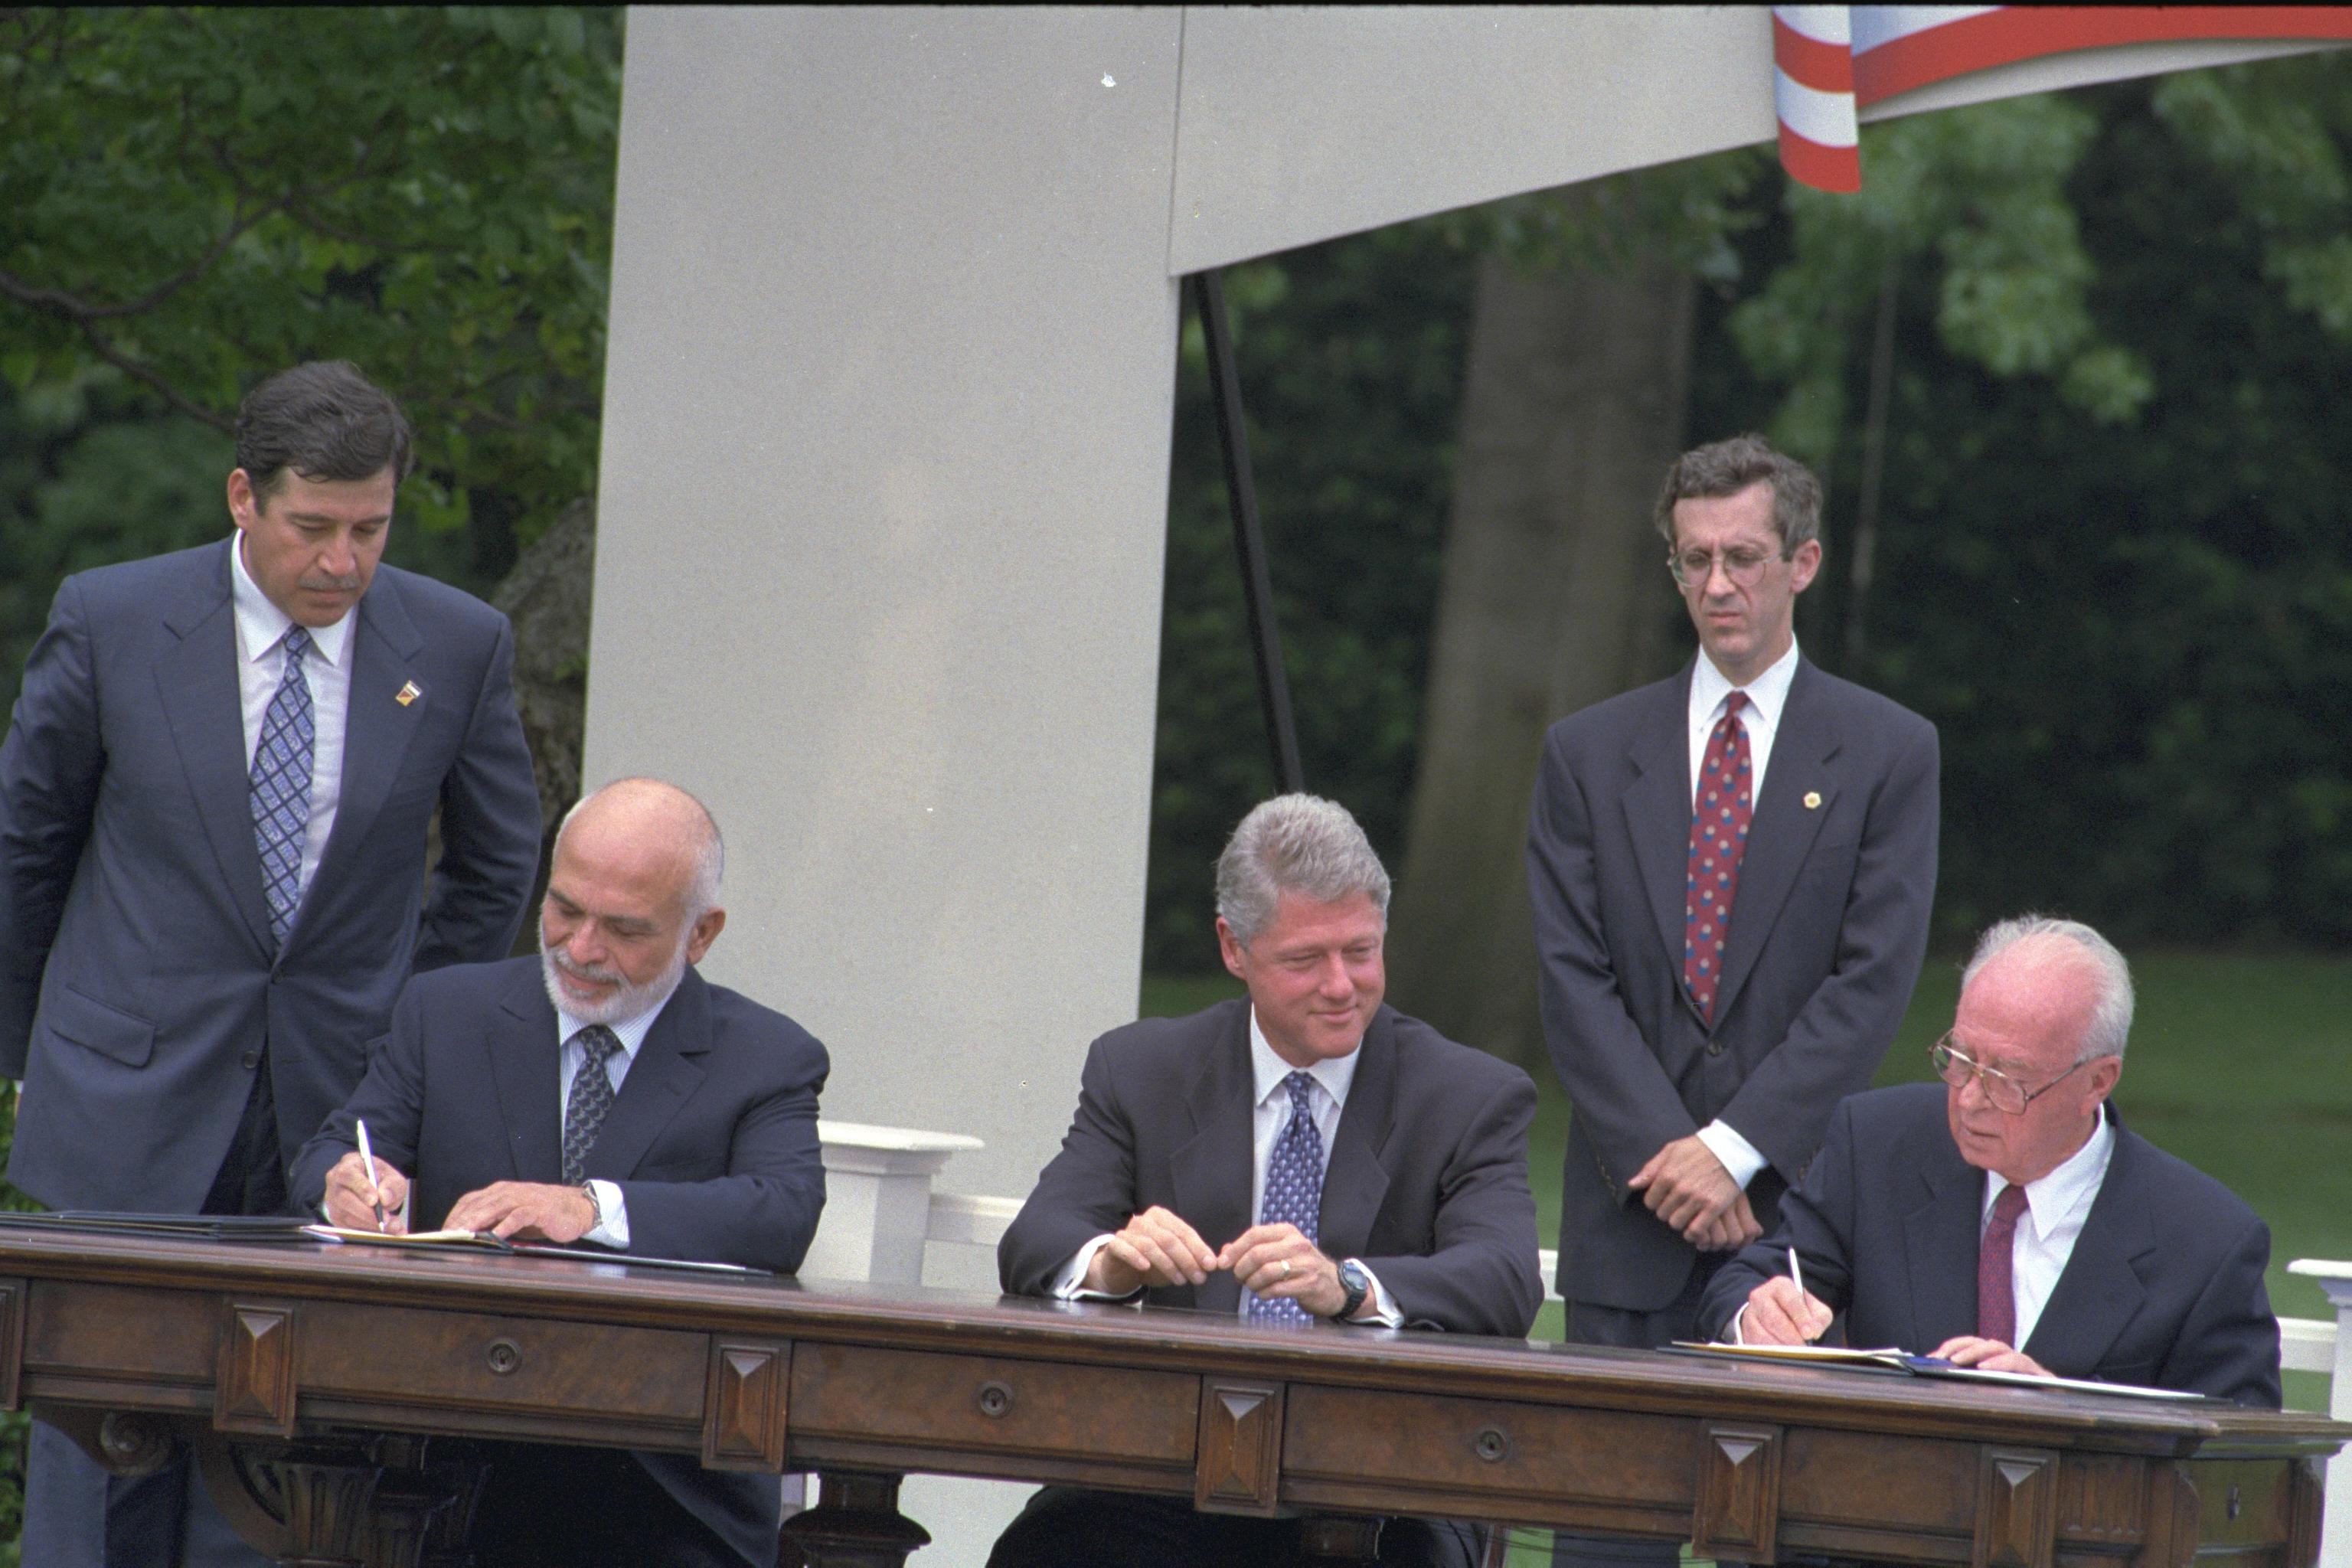 上图:1994年,以色列总理拉宾和约旦国王侯赛因在美国总统克林顿的见证下签订和平协议,正是结束了两国的敌对状态。在庆祝仪式上,以色列大拉比She'ar Yashuv Cohen诵读了诗篇第121篇。